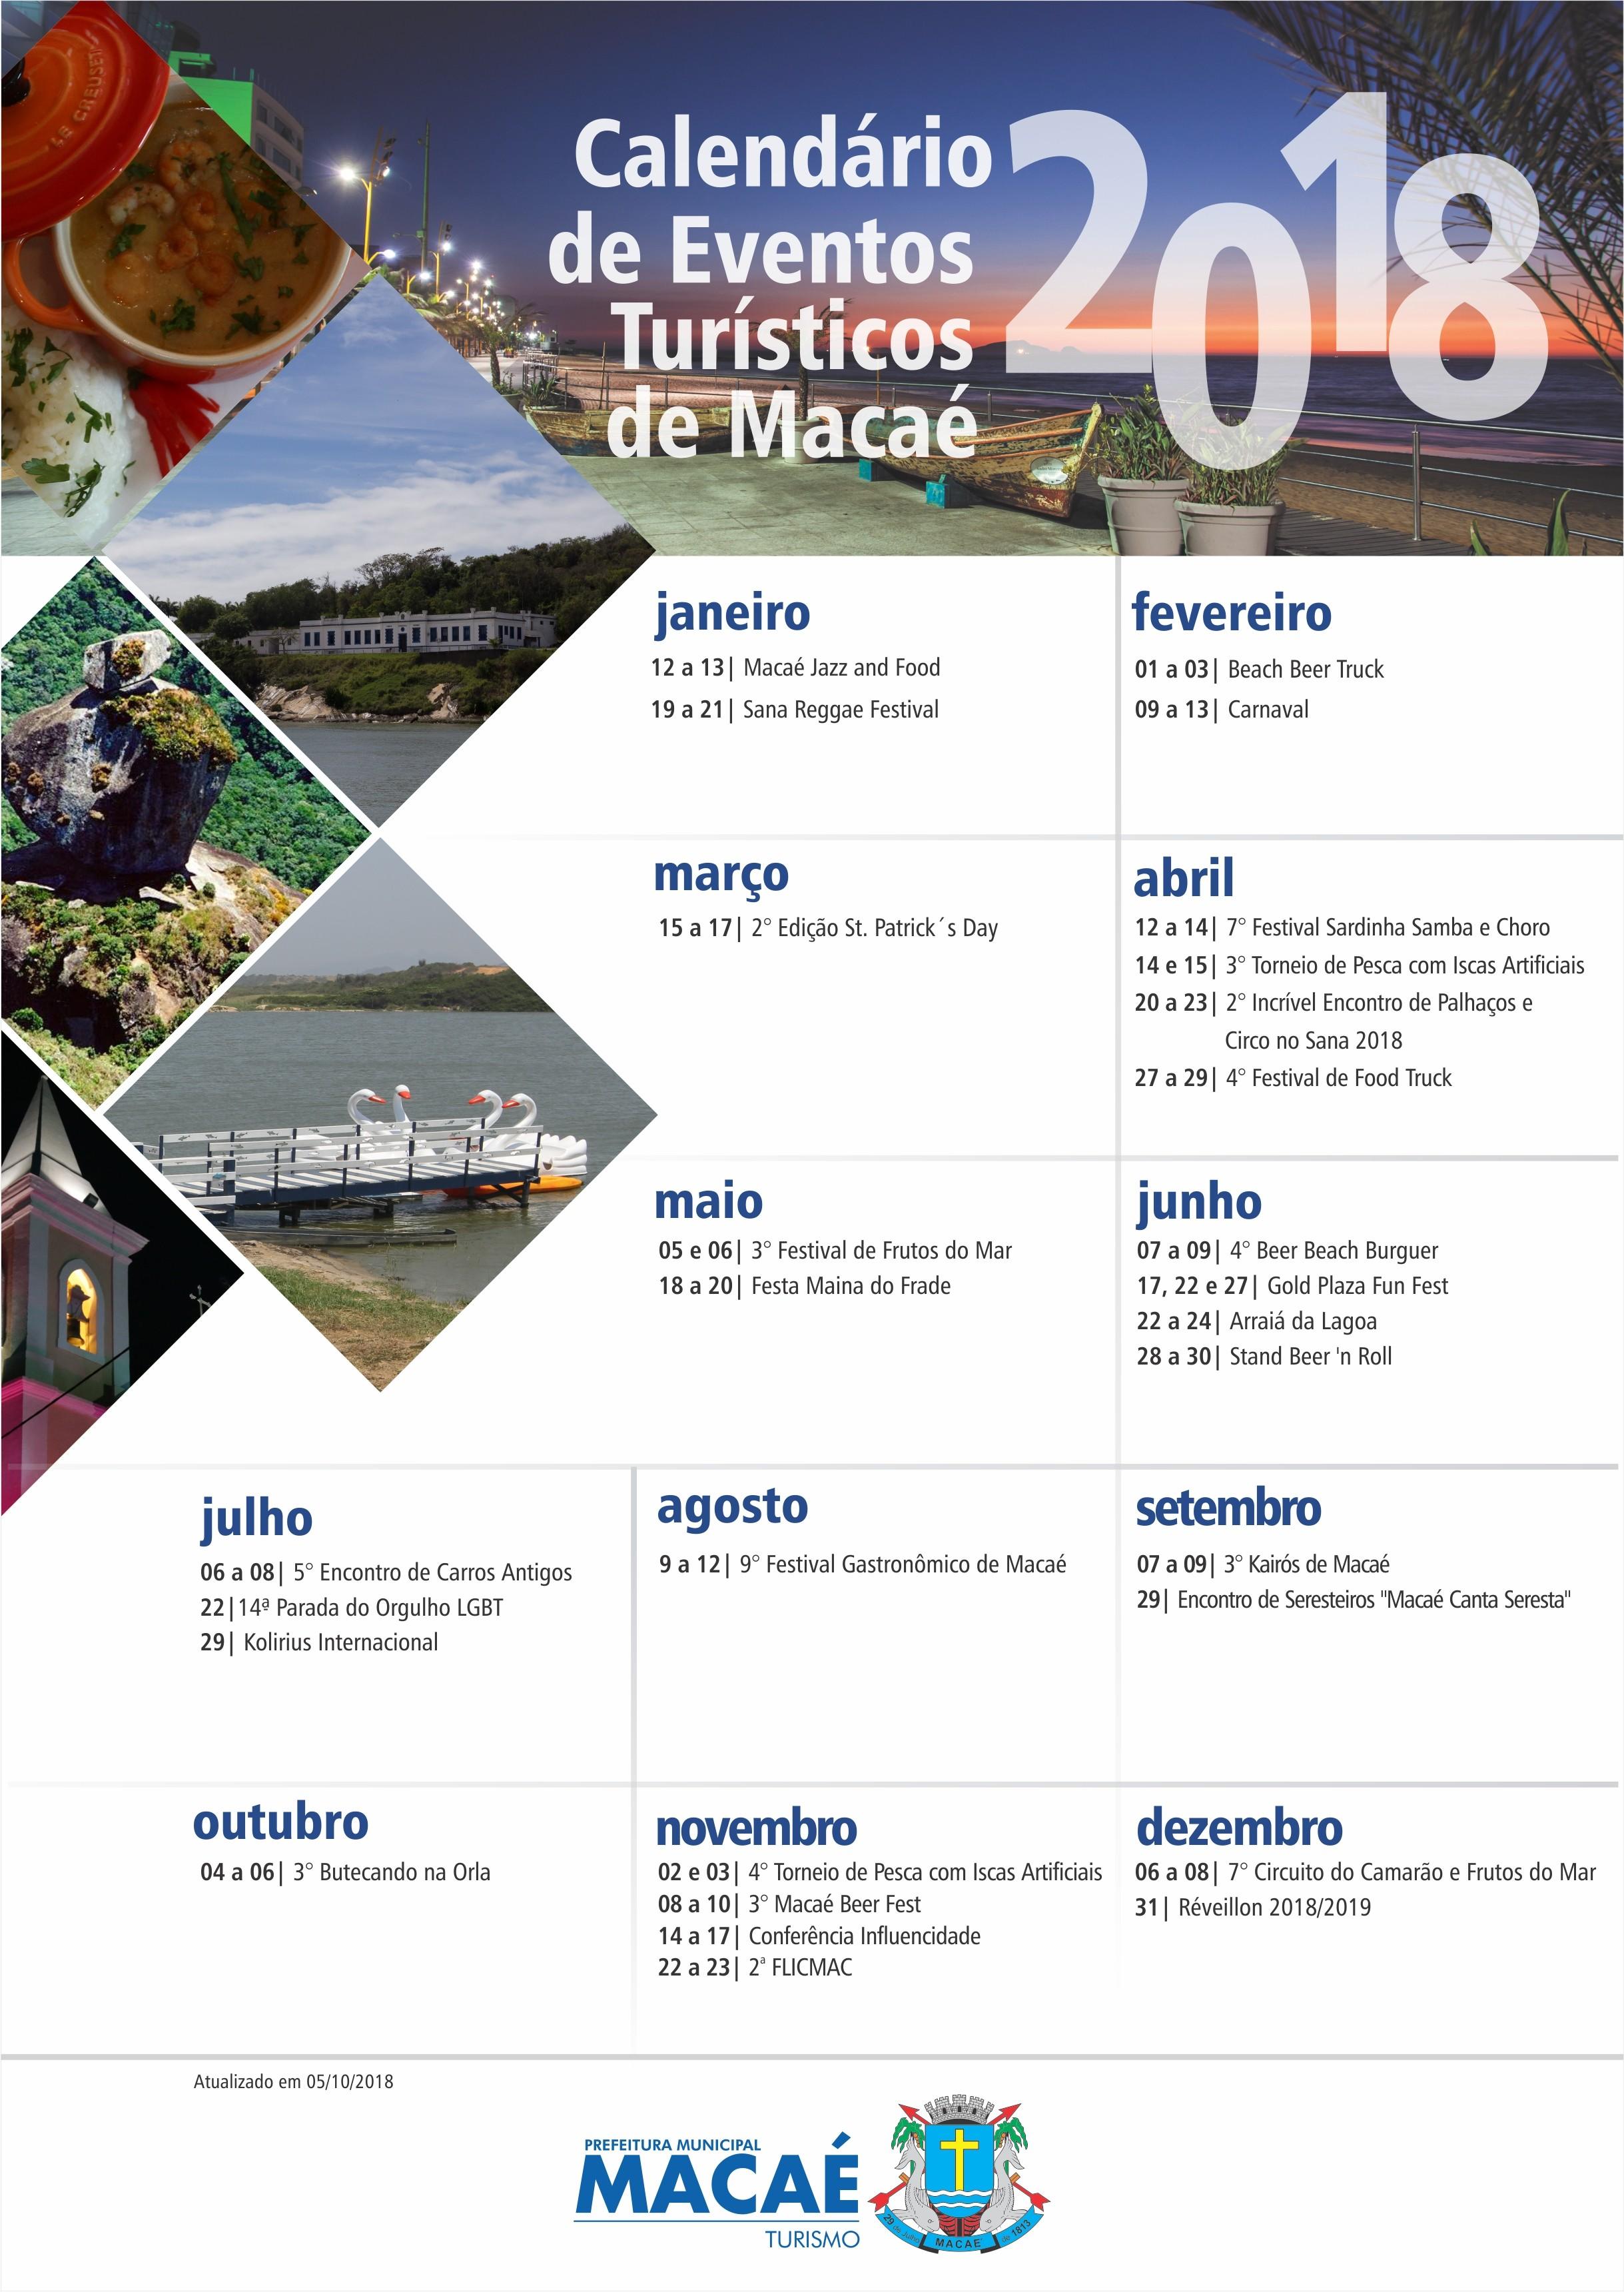 Calendario 2019 Junho Más Recientes Index Of Midia Of Calendario 2019 Junho Más Arriba-a-fecha Municpio Das Lajes Do Pico Download Agenda